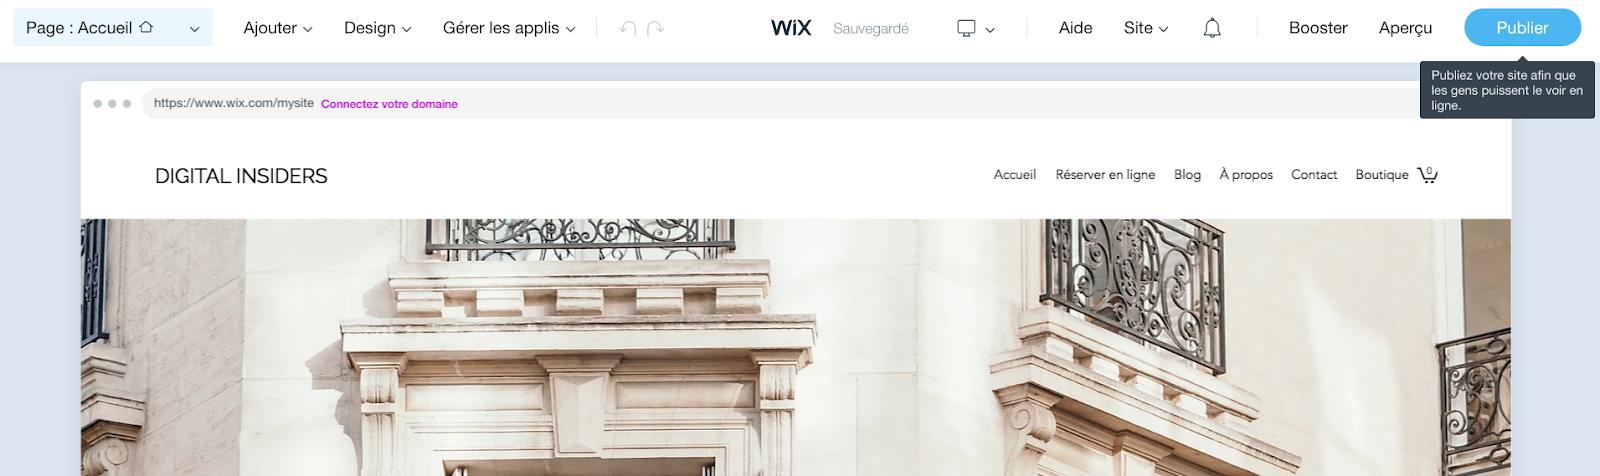 Choisissez un plan tarifaire WIX